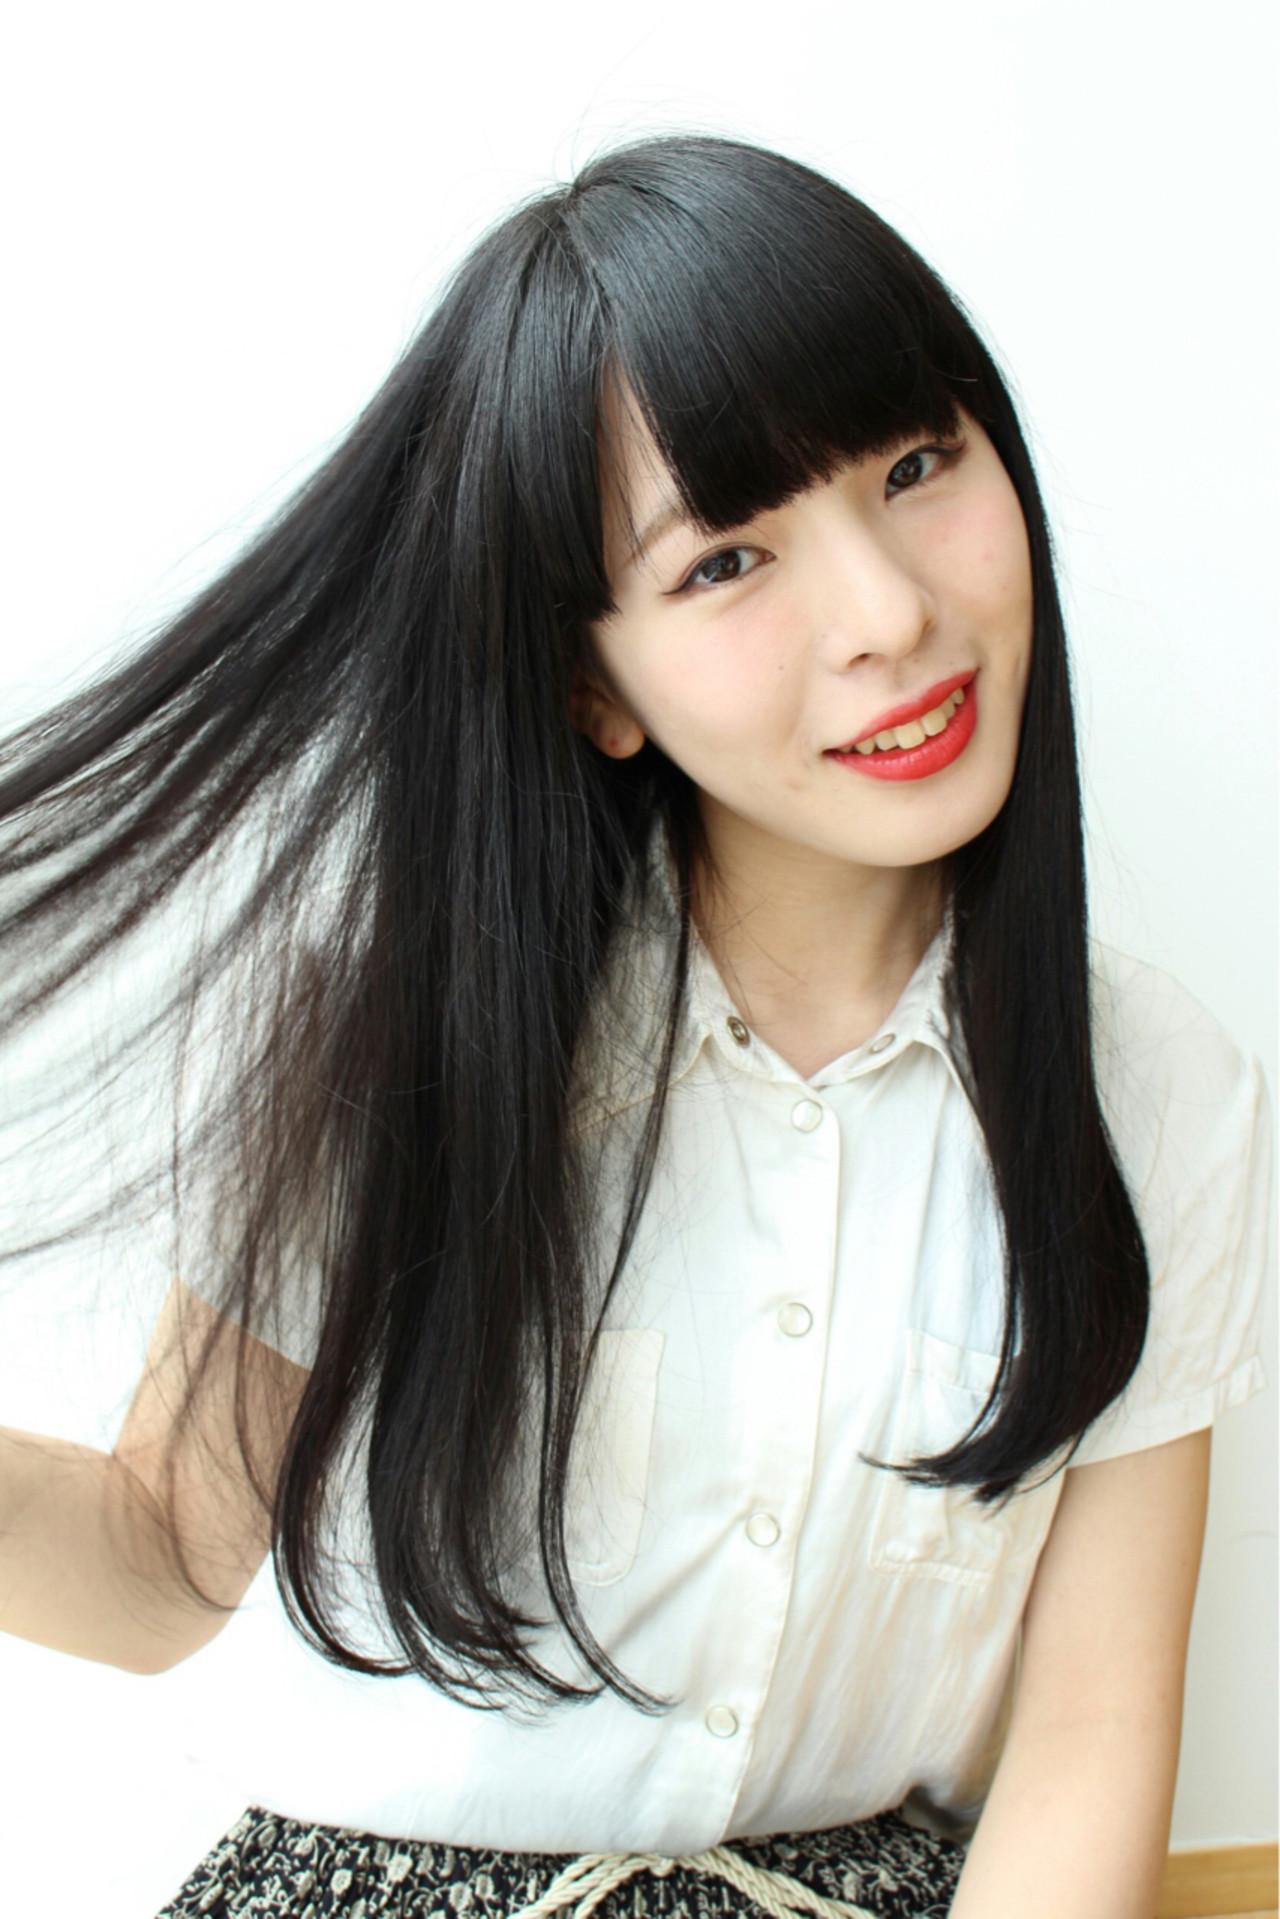 ぱっつんワイドバング×黒髪ロングでミステリアスに 三上 奈巳 | Spin hair 烏丸店